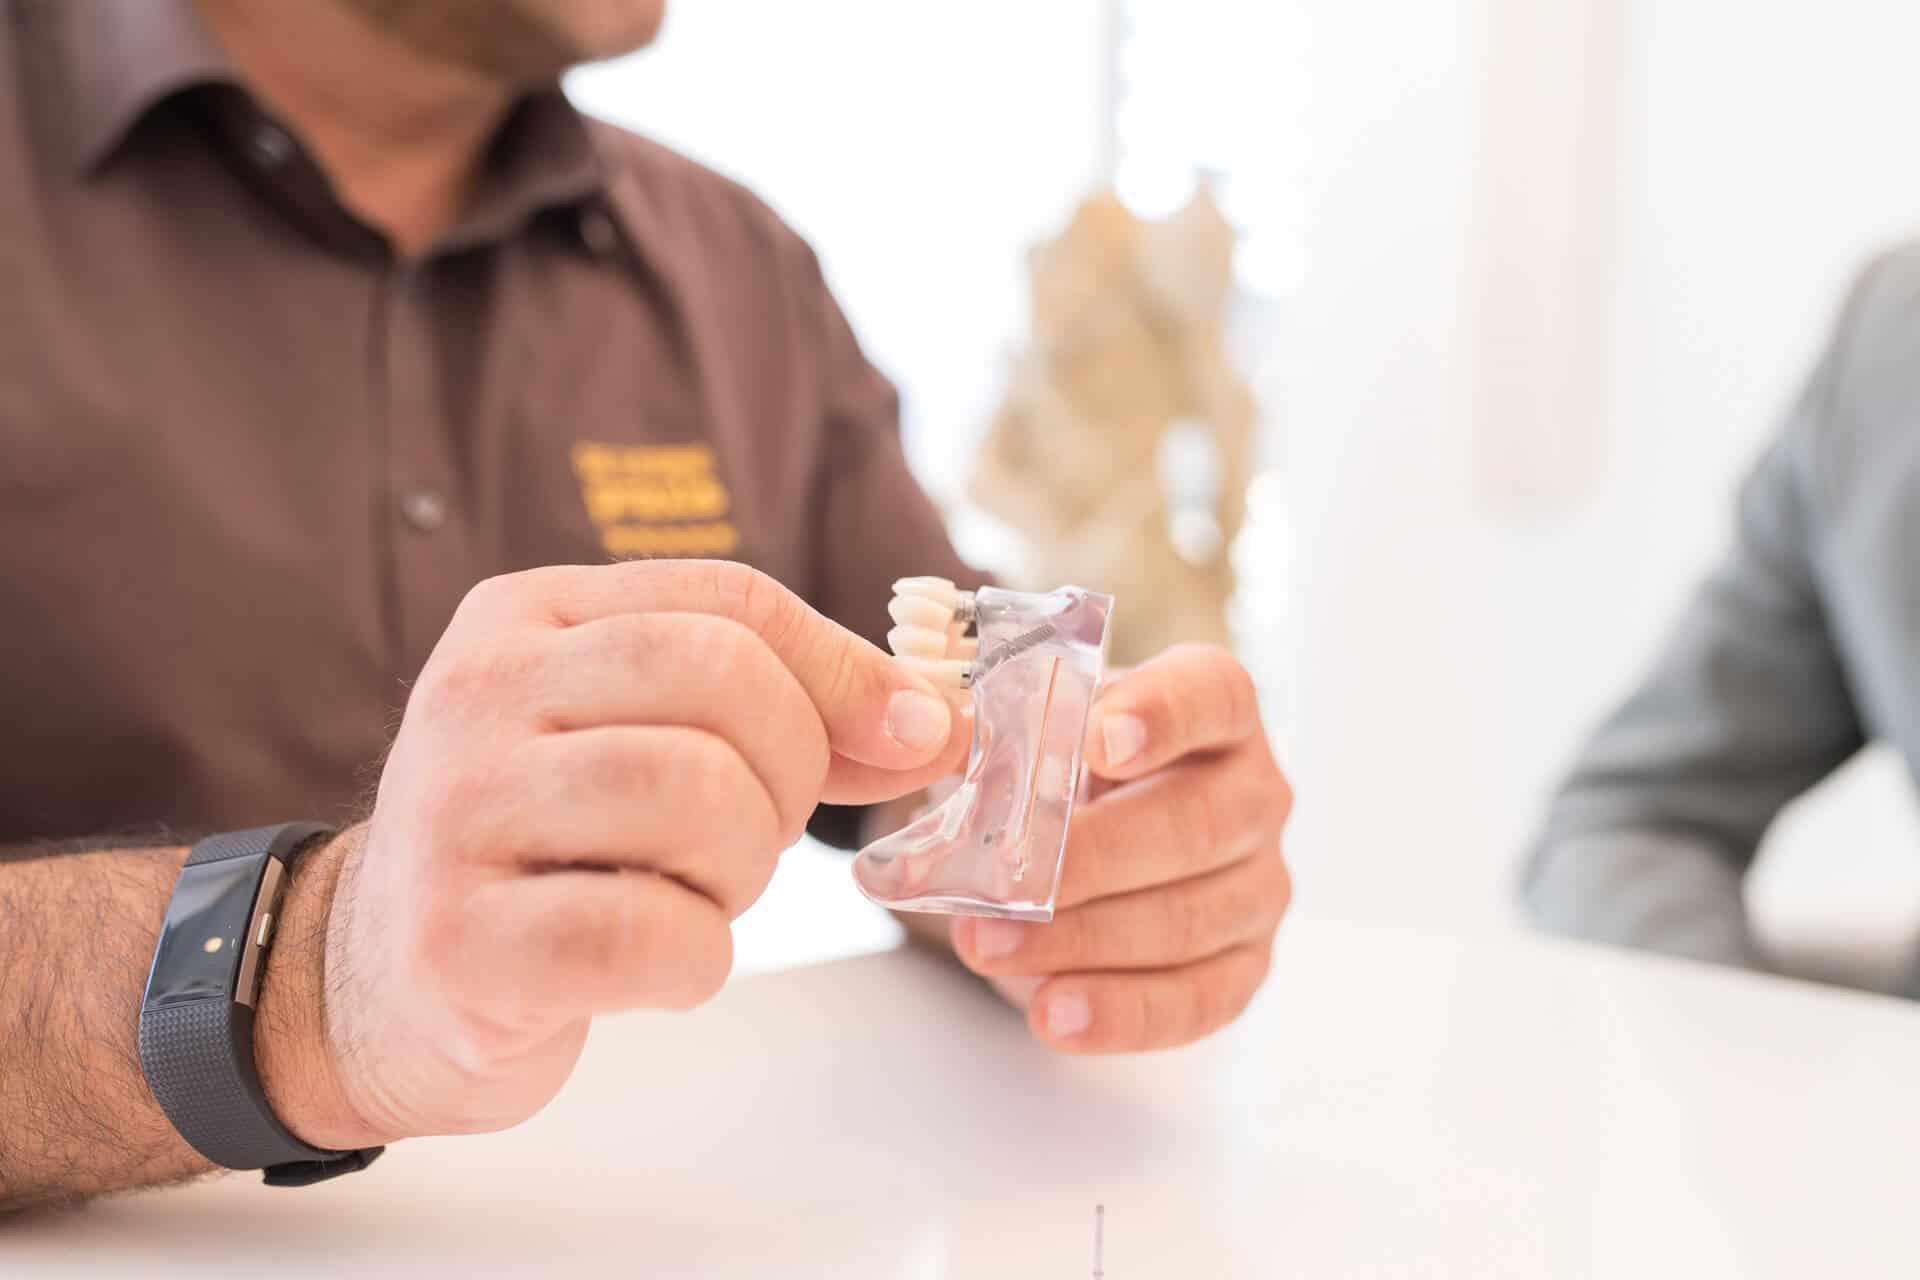 Zusehen sind die Hände vom Zahnarzt Dr. Gal, der Zahnimplantate in den Händen hält